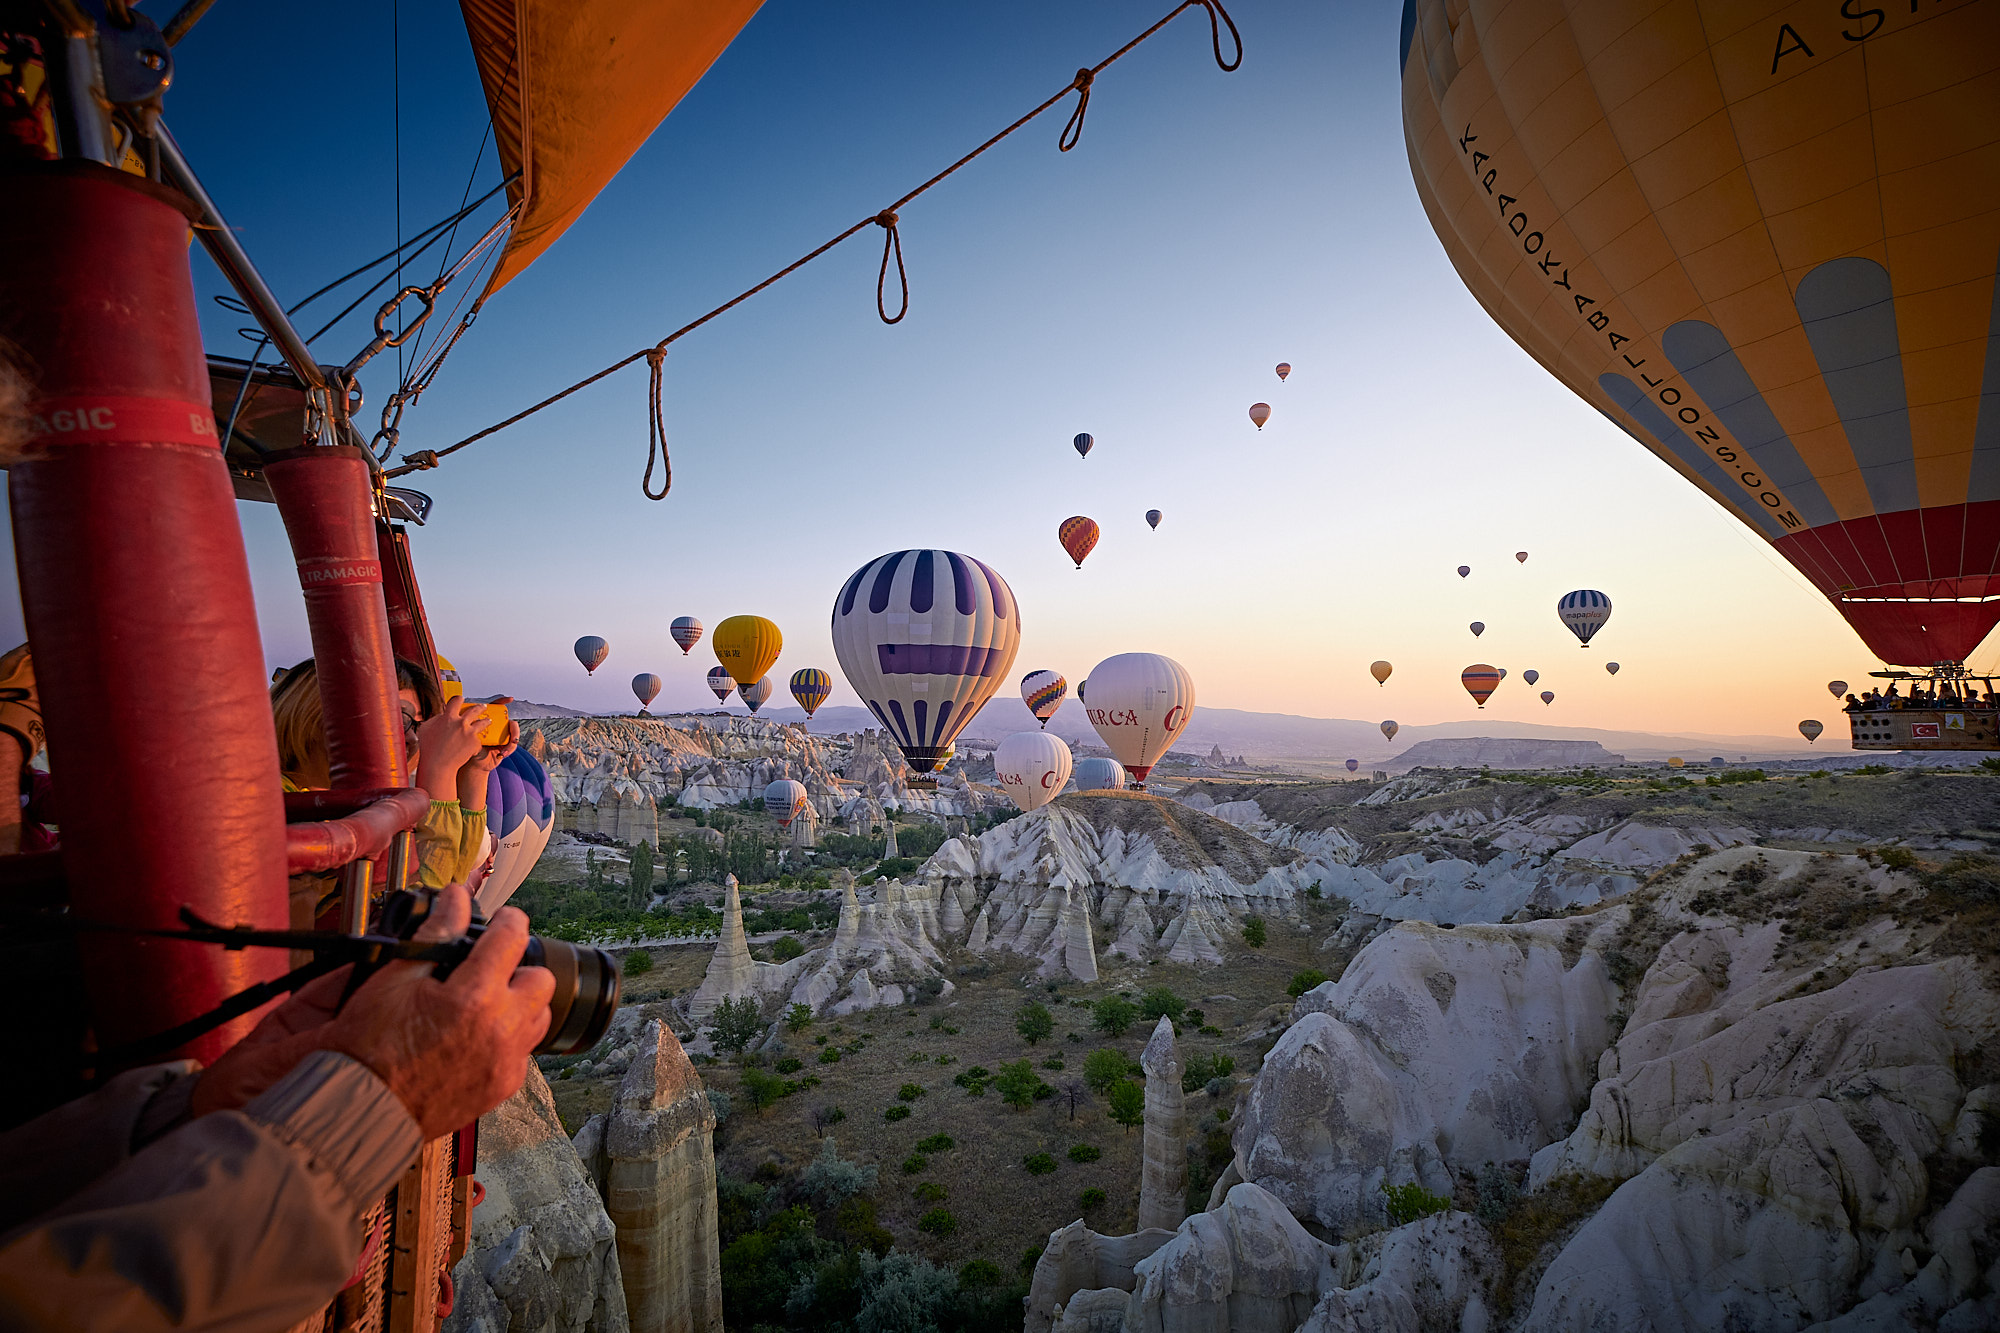 Roman Martin-Cappadocia